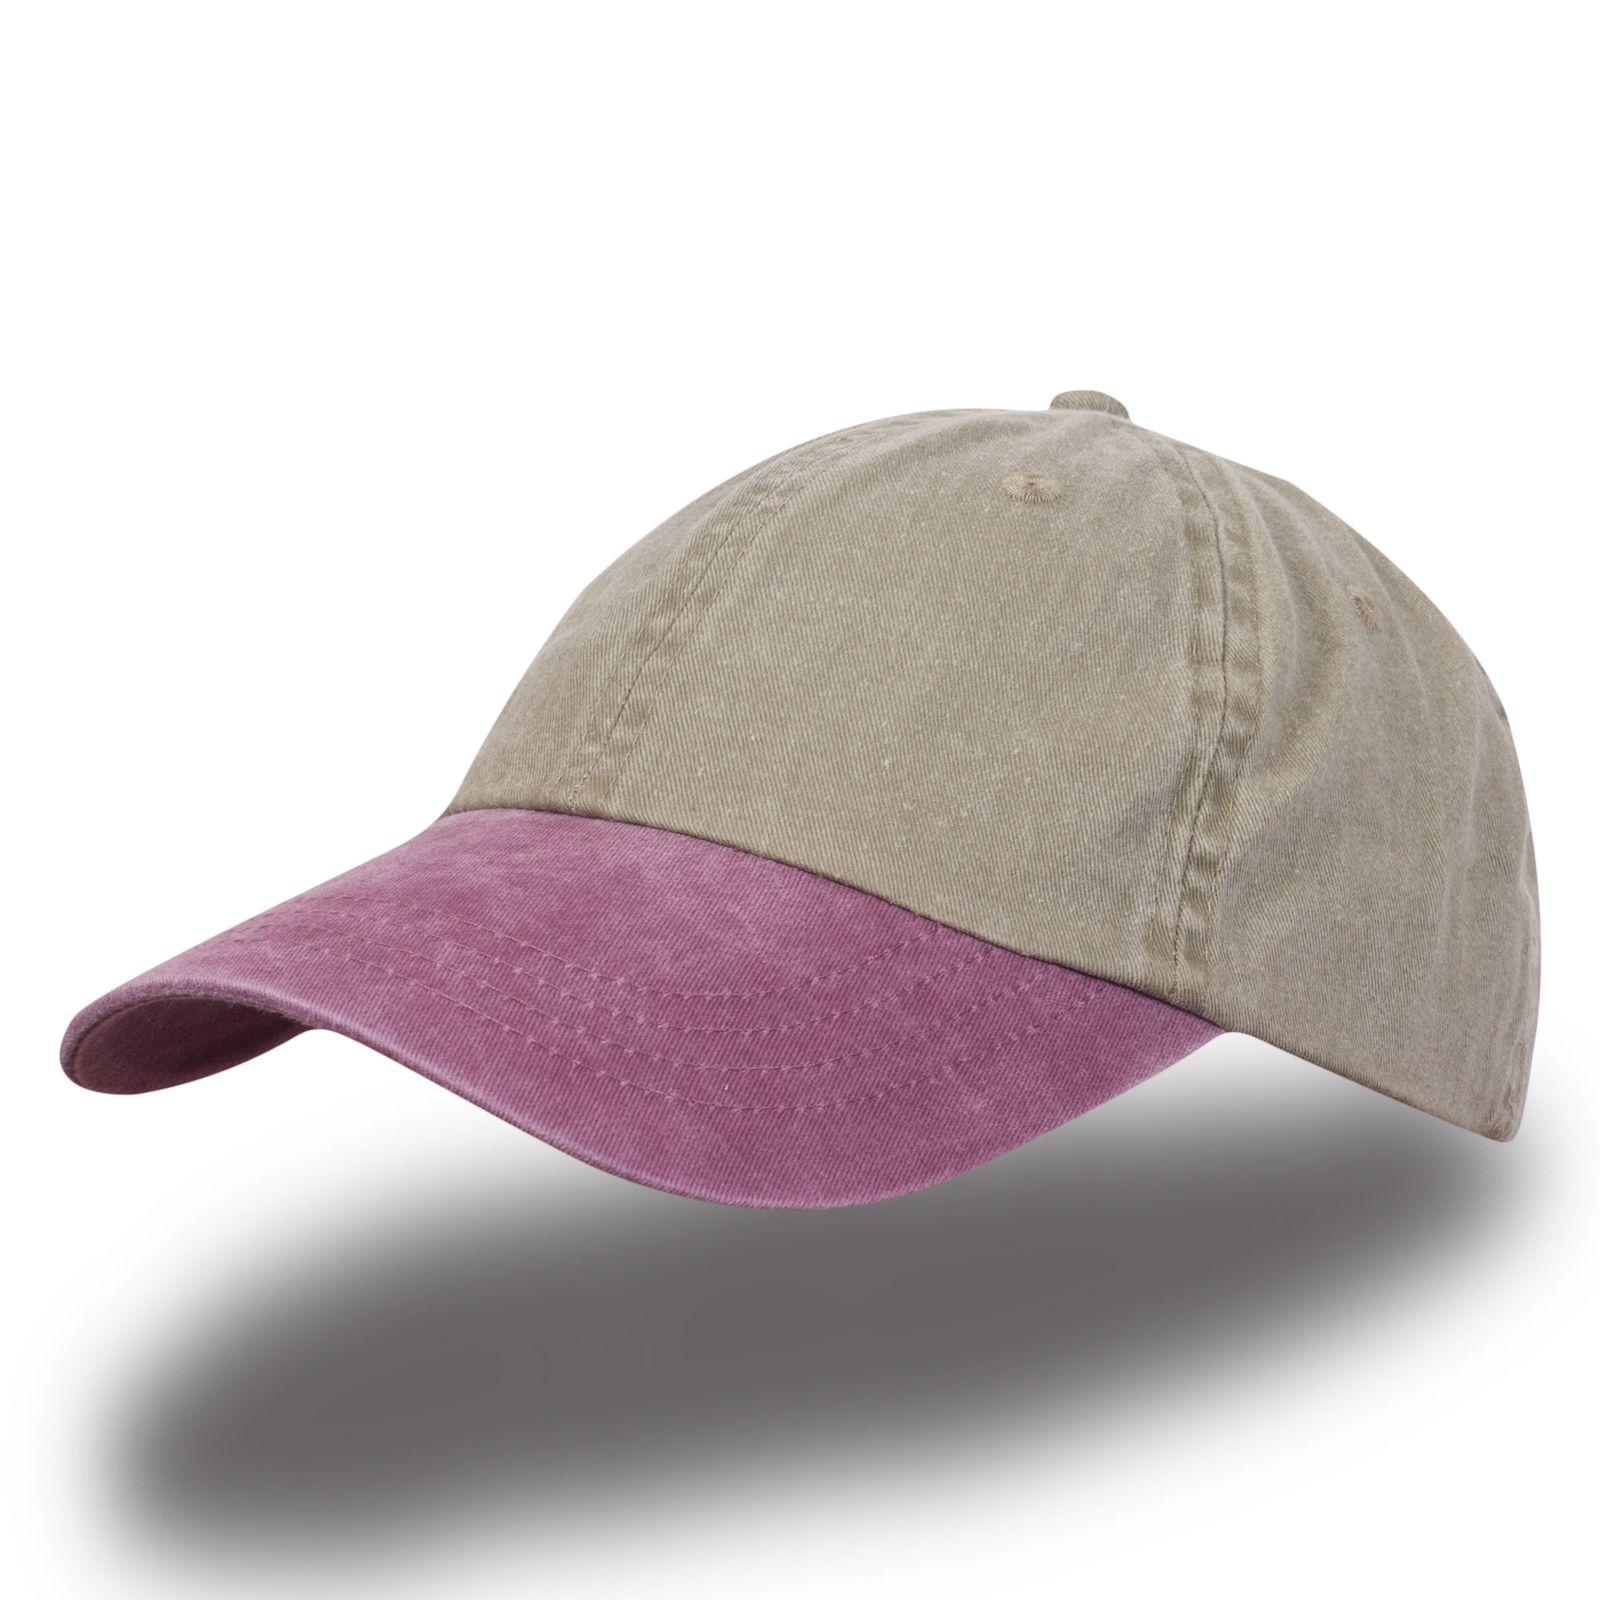 Розово-серая бейсболка меланж - купить в интернет-магазине с доставкой